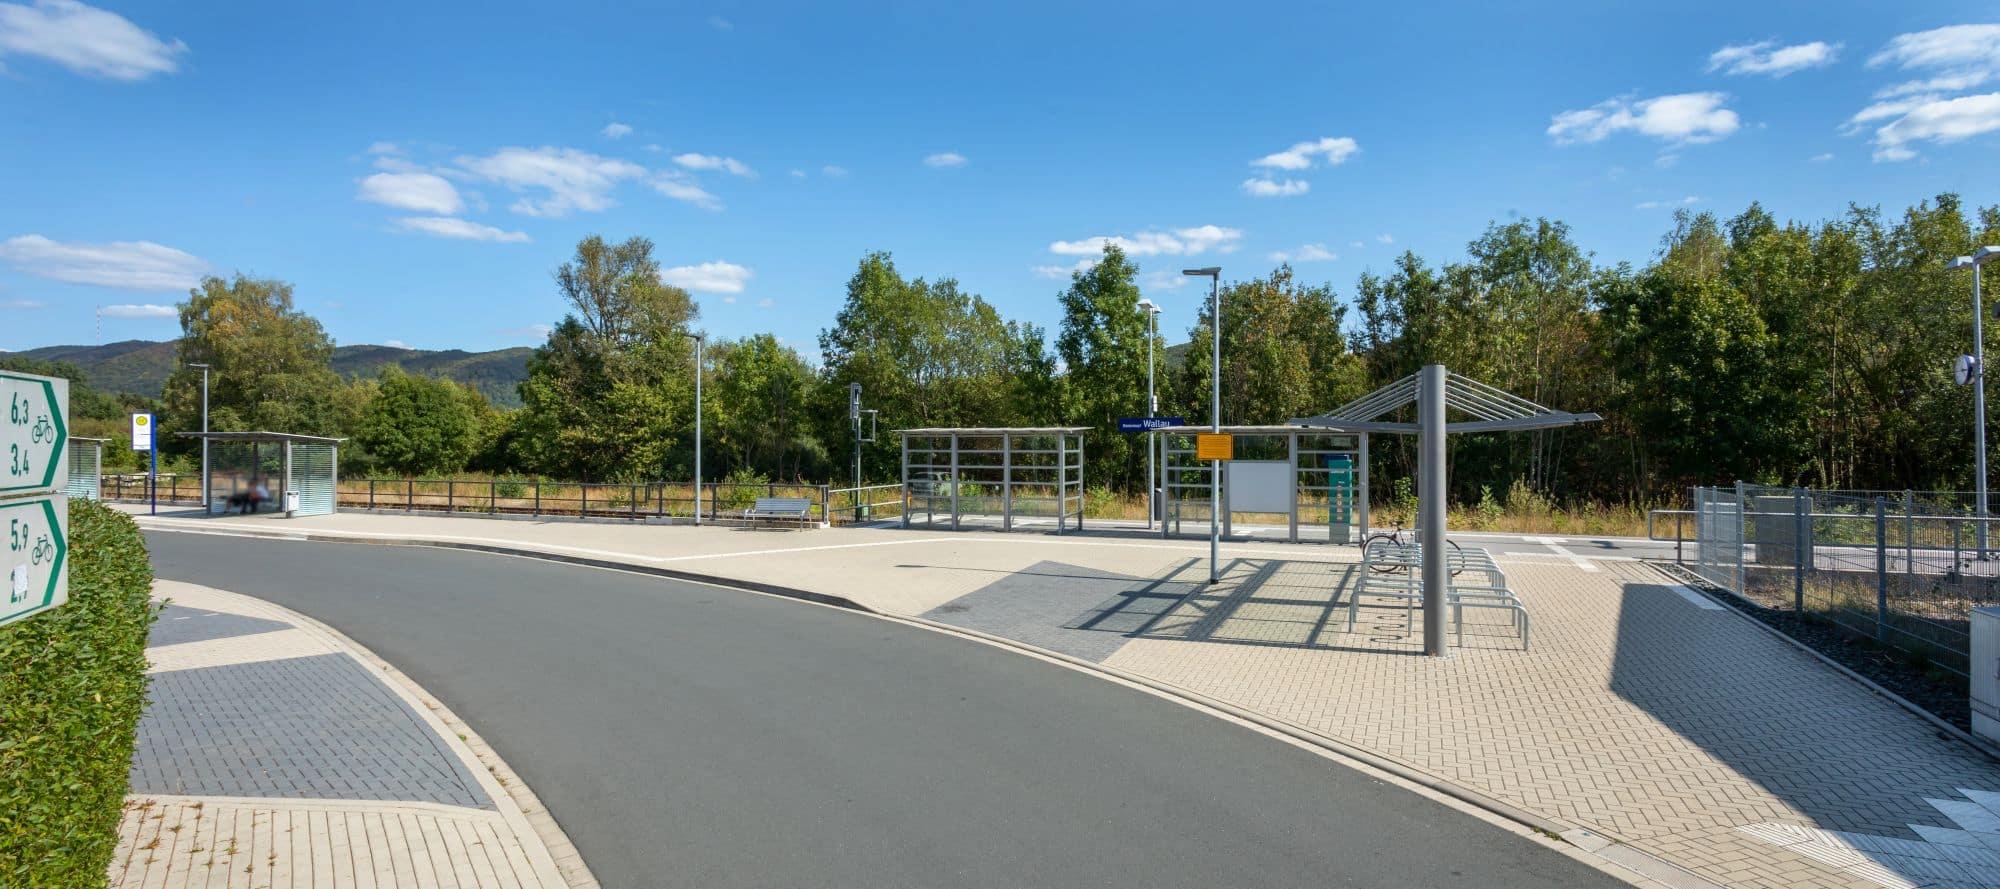 Park-Ride-Anlage | 2014